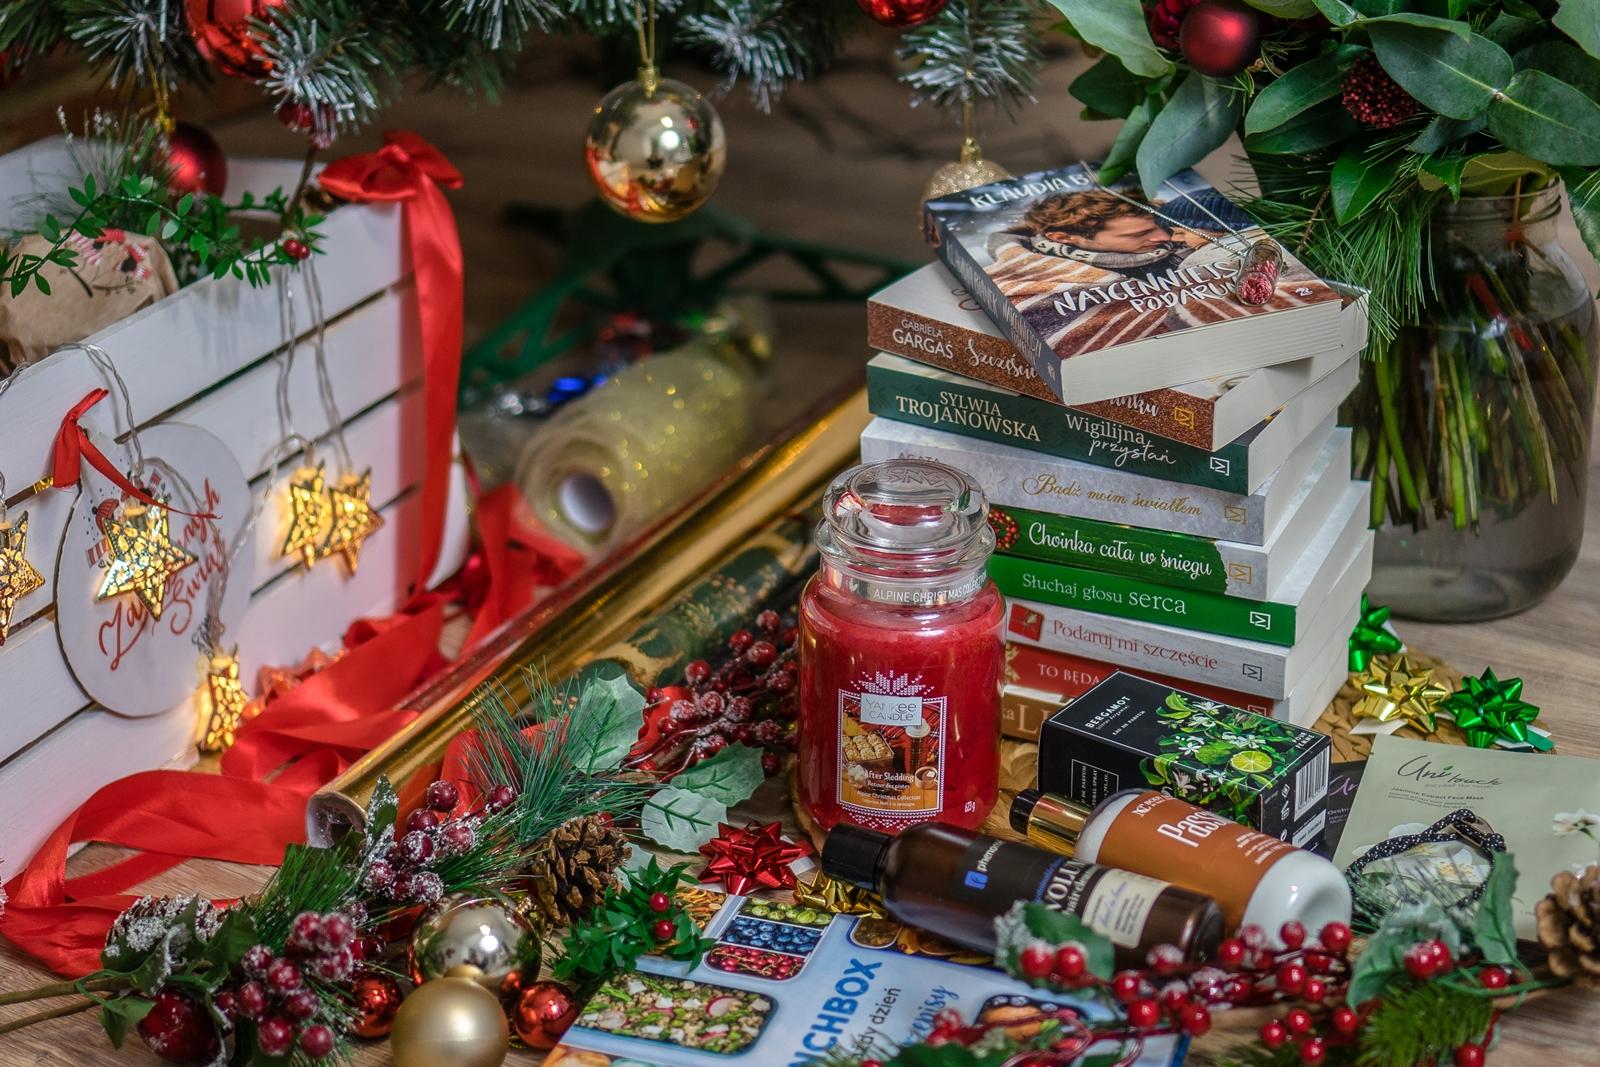 1 Co na prezenty świąteczne pod choinkę i na święta bożego narodzenia, pomysły na prezent do nowego domu do 200, 100, 150, 50, 30, 20 do 40 zł dla niego, dla rodziców dla mamy, dla niej dla babci 10latki